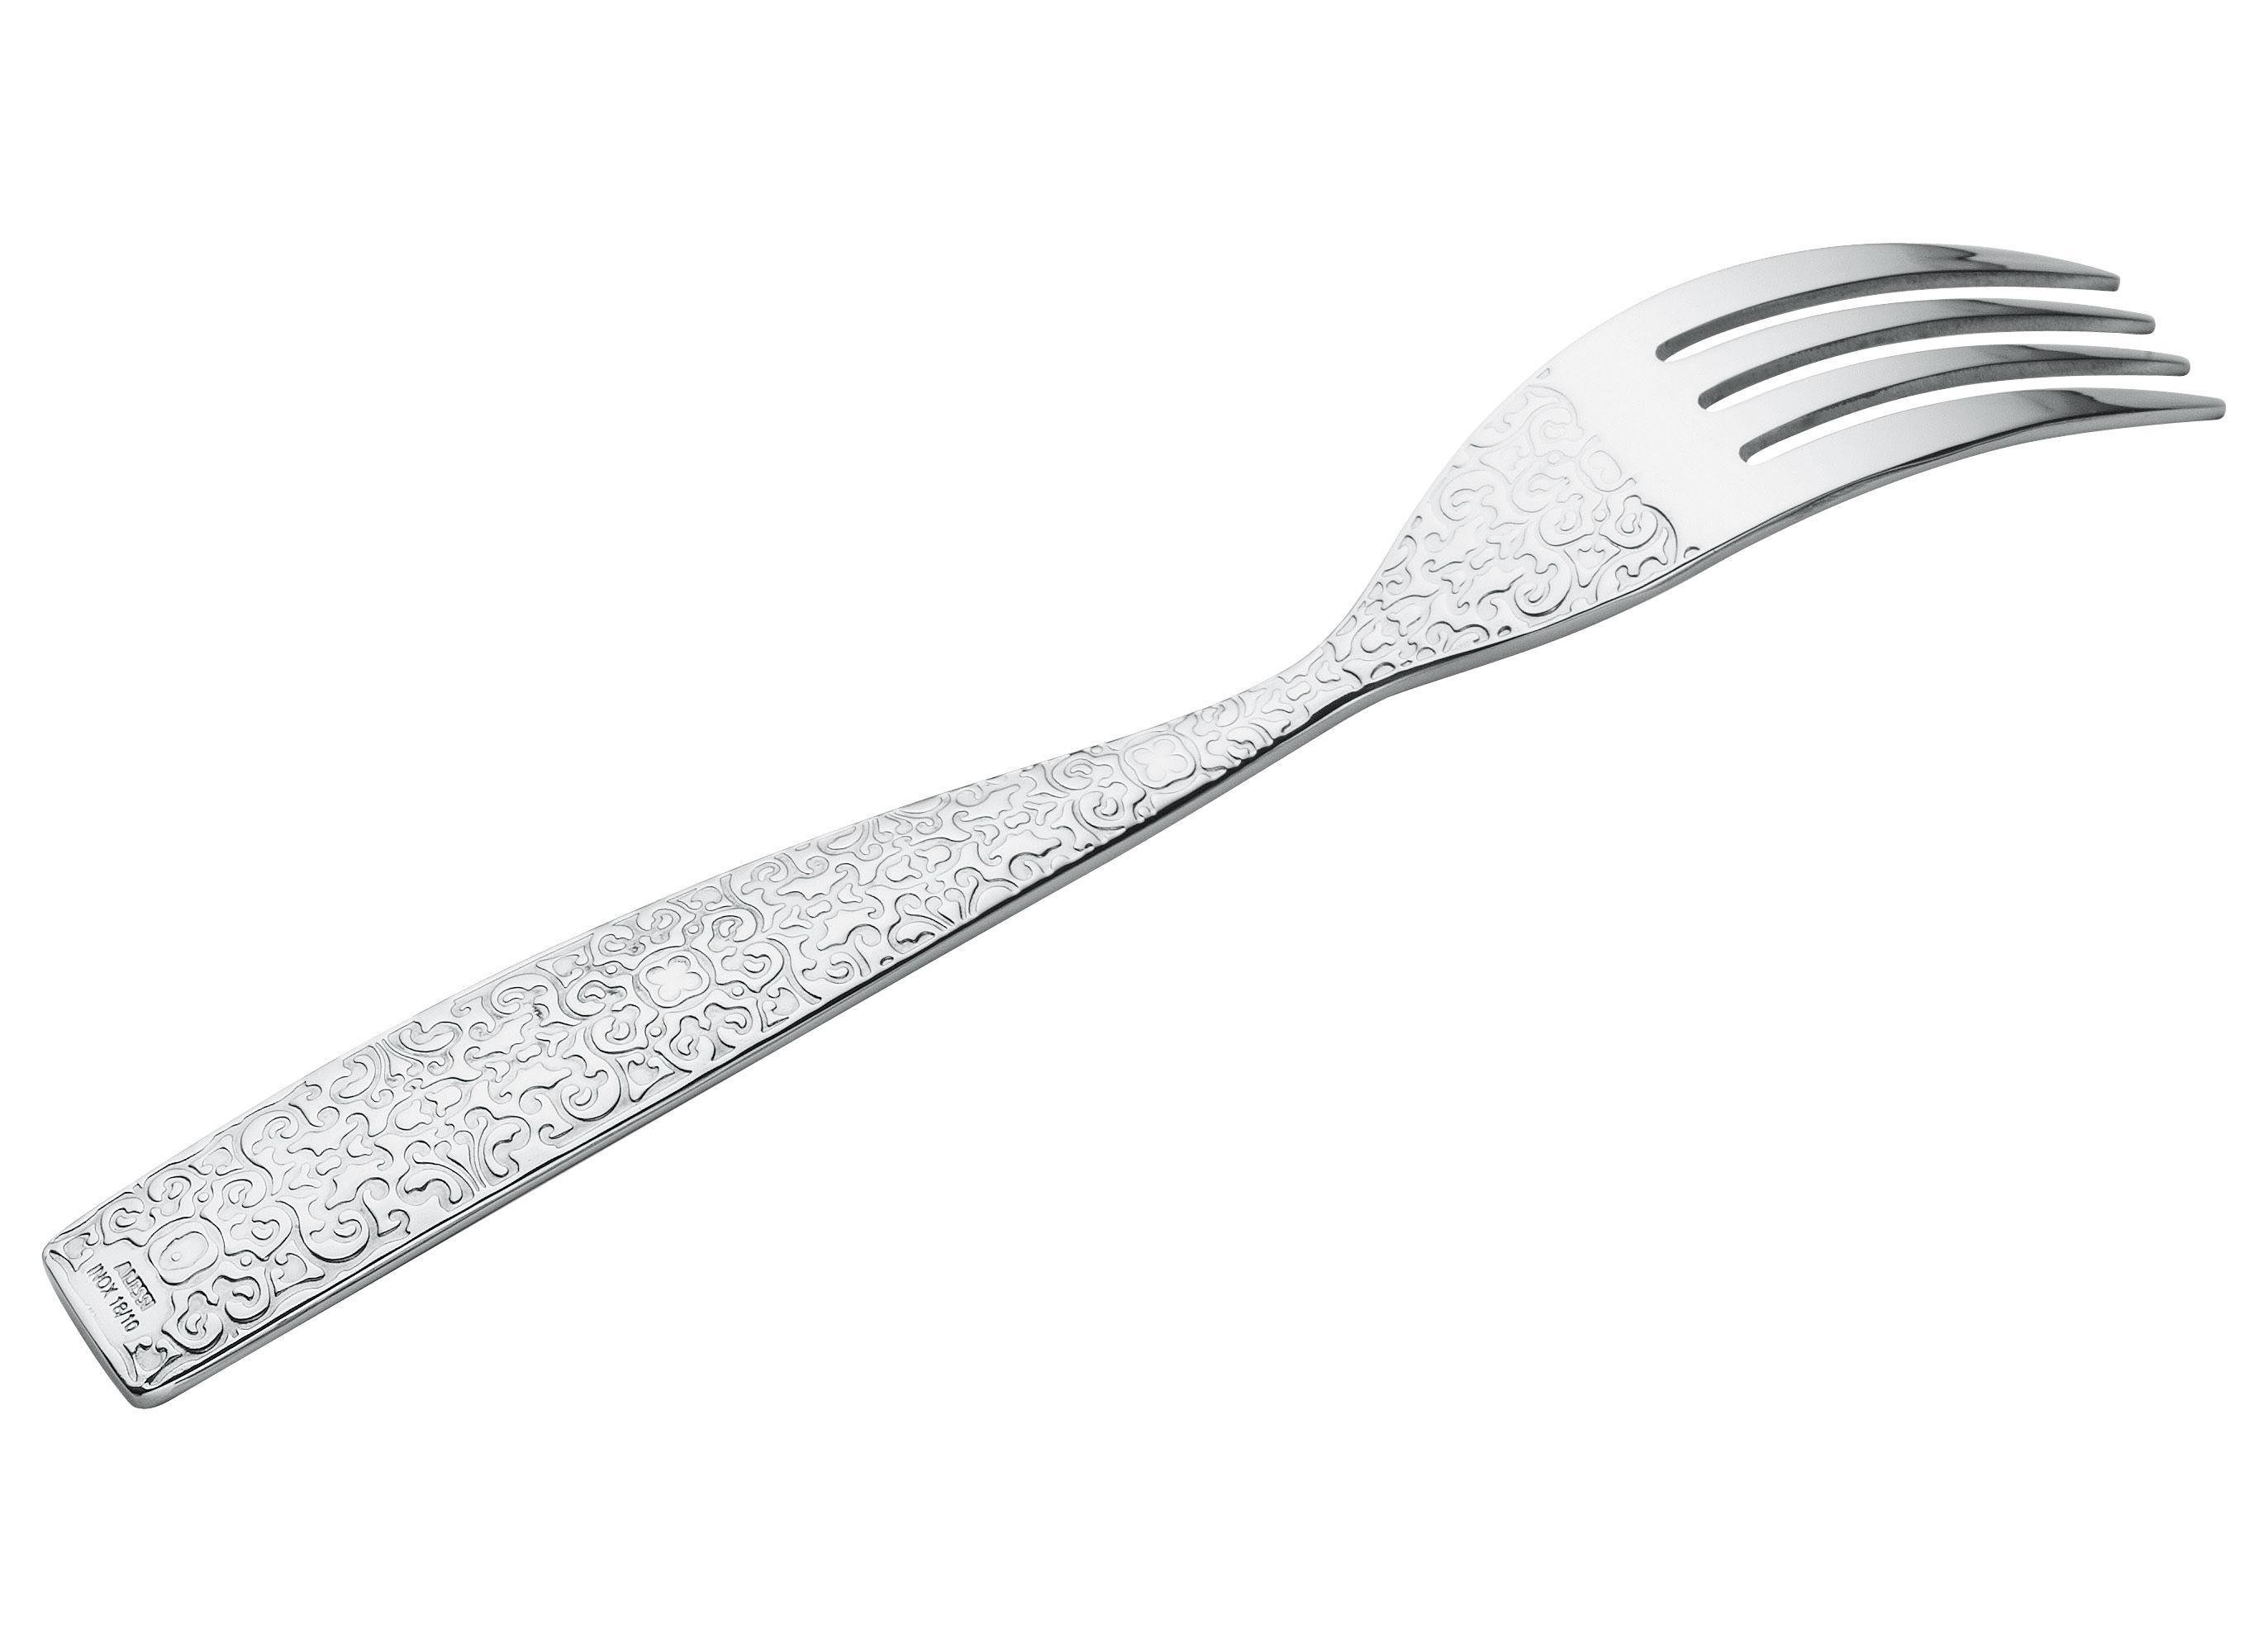 Tavola - Posate - Forchetta Dressed di Alessi - Forchetta de table - Acciaio - Acciaio inossidabile